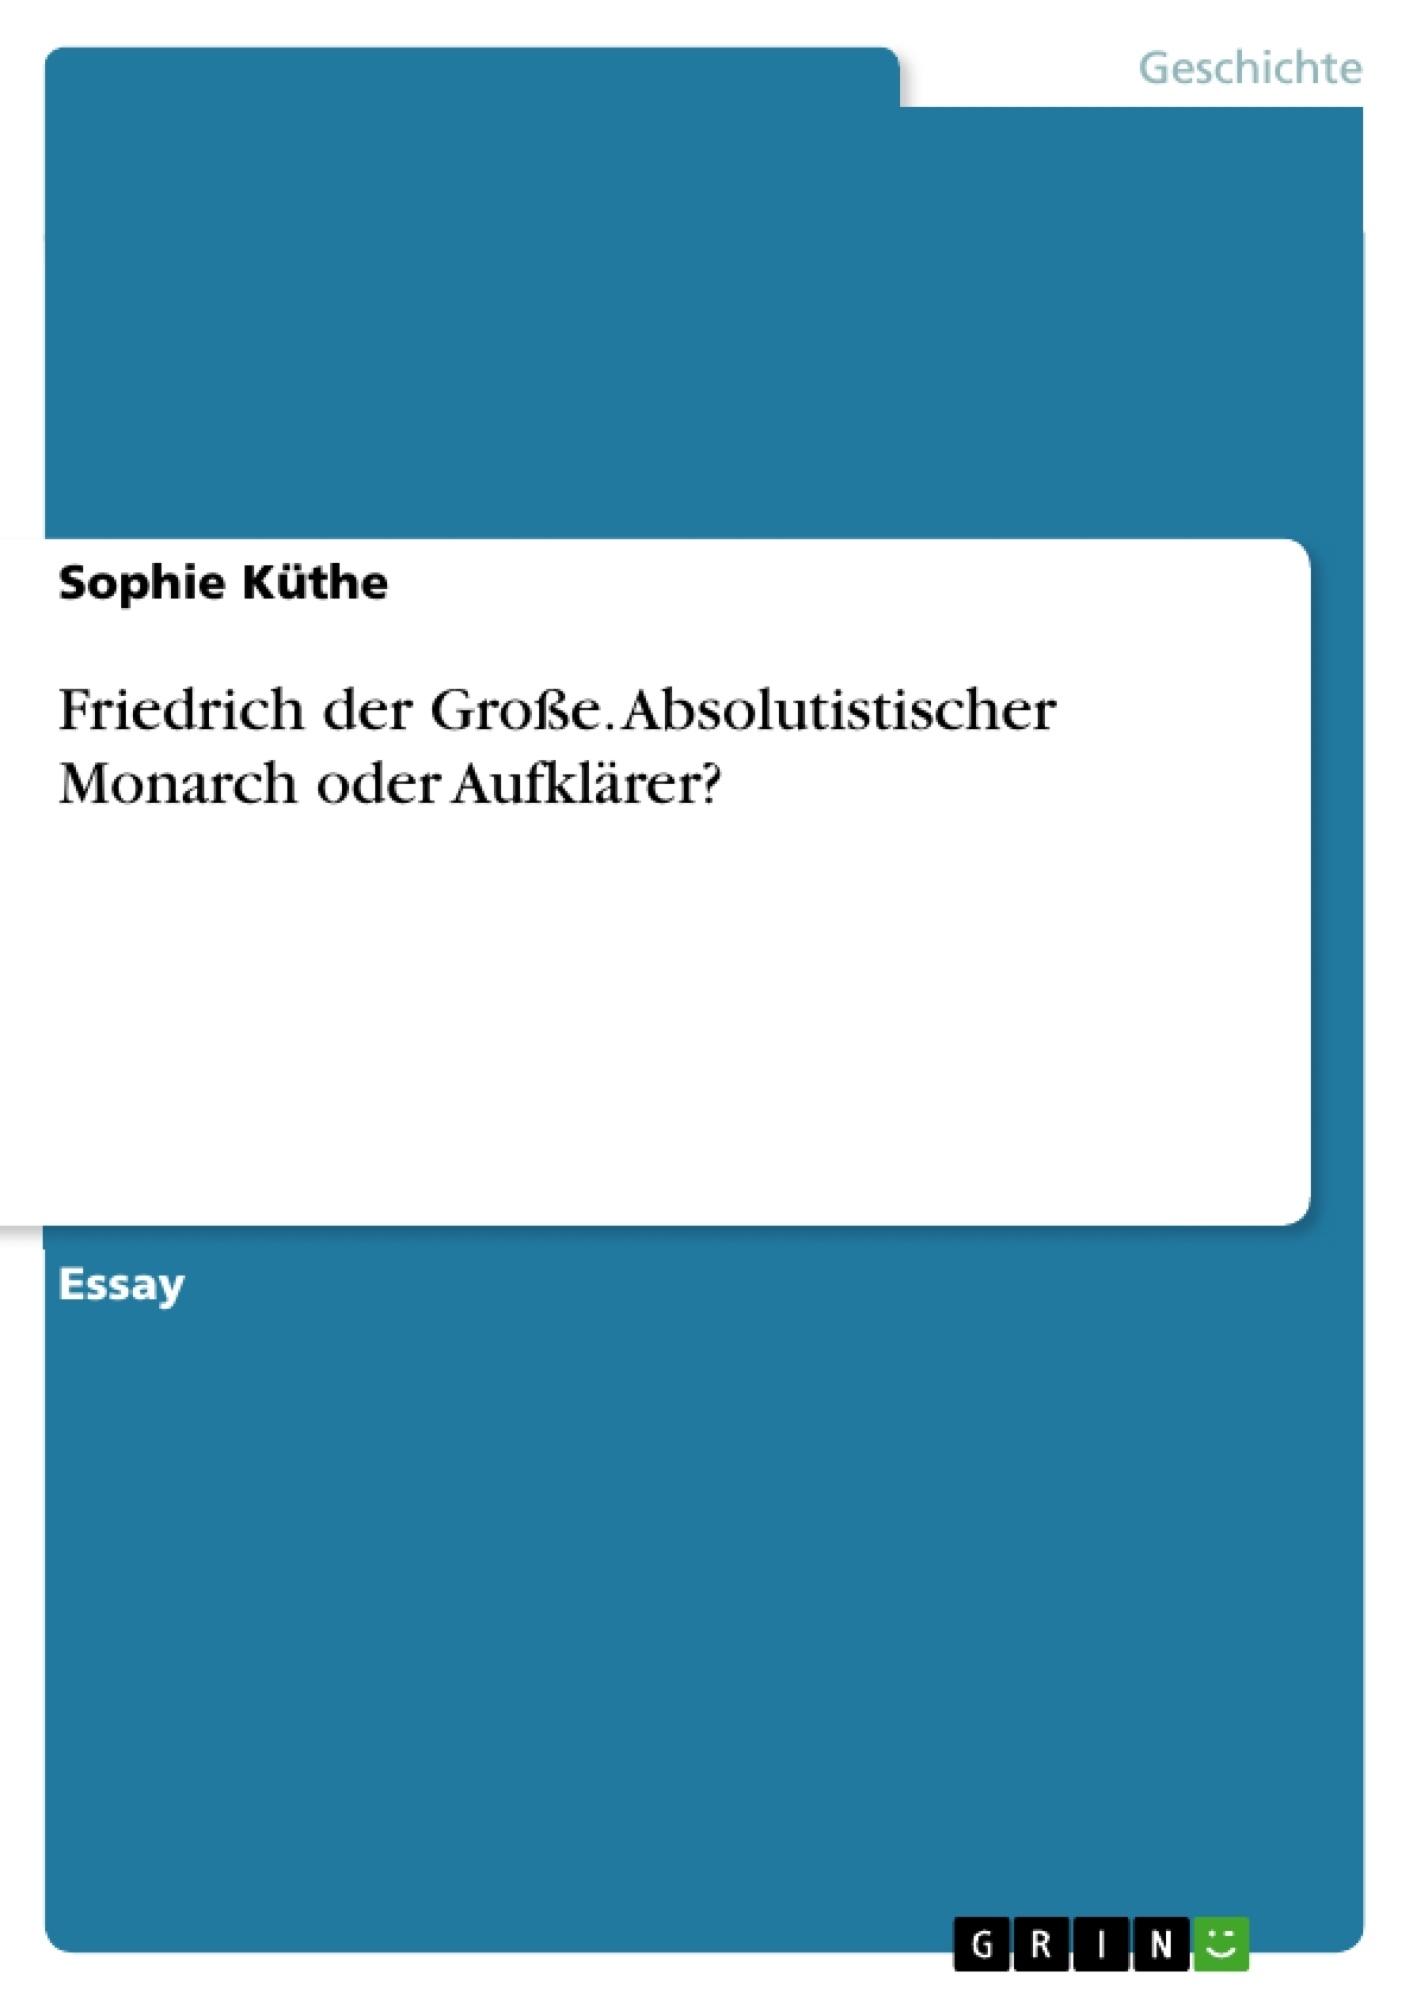 Titel: Friedrich der Große. Absolutistischer Monarch oder Aufklärer?